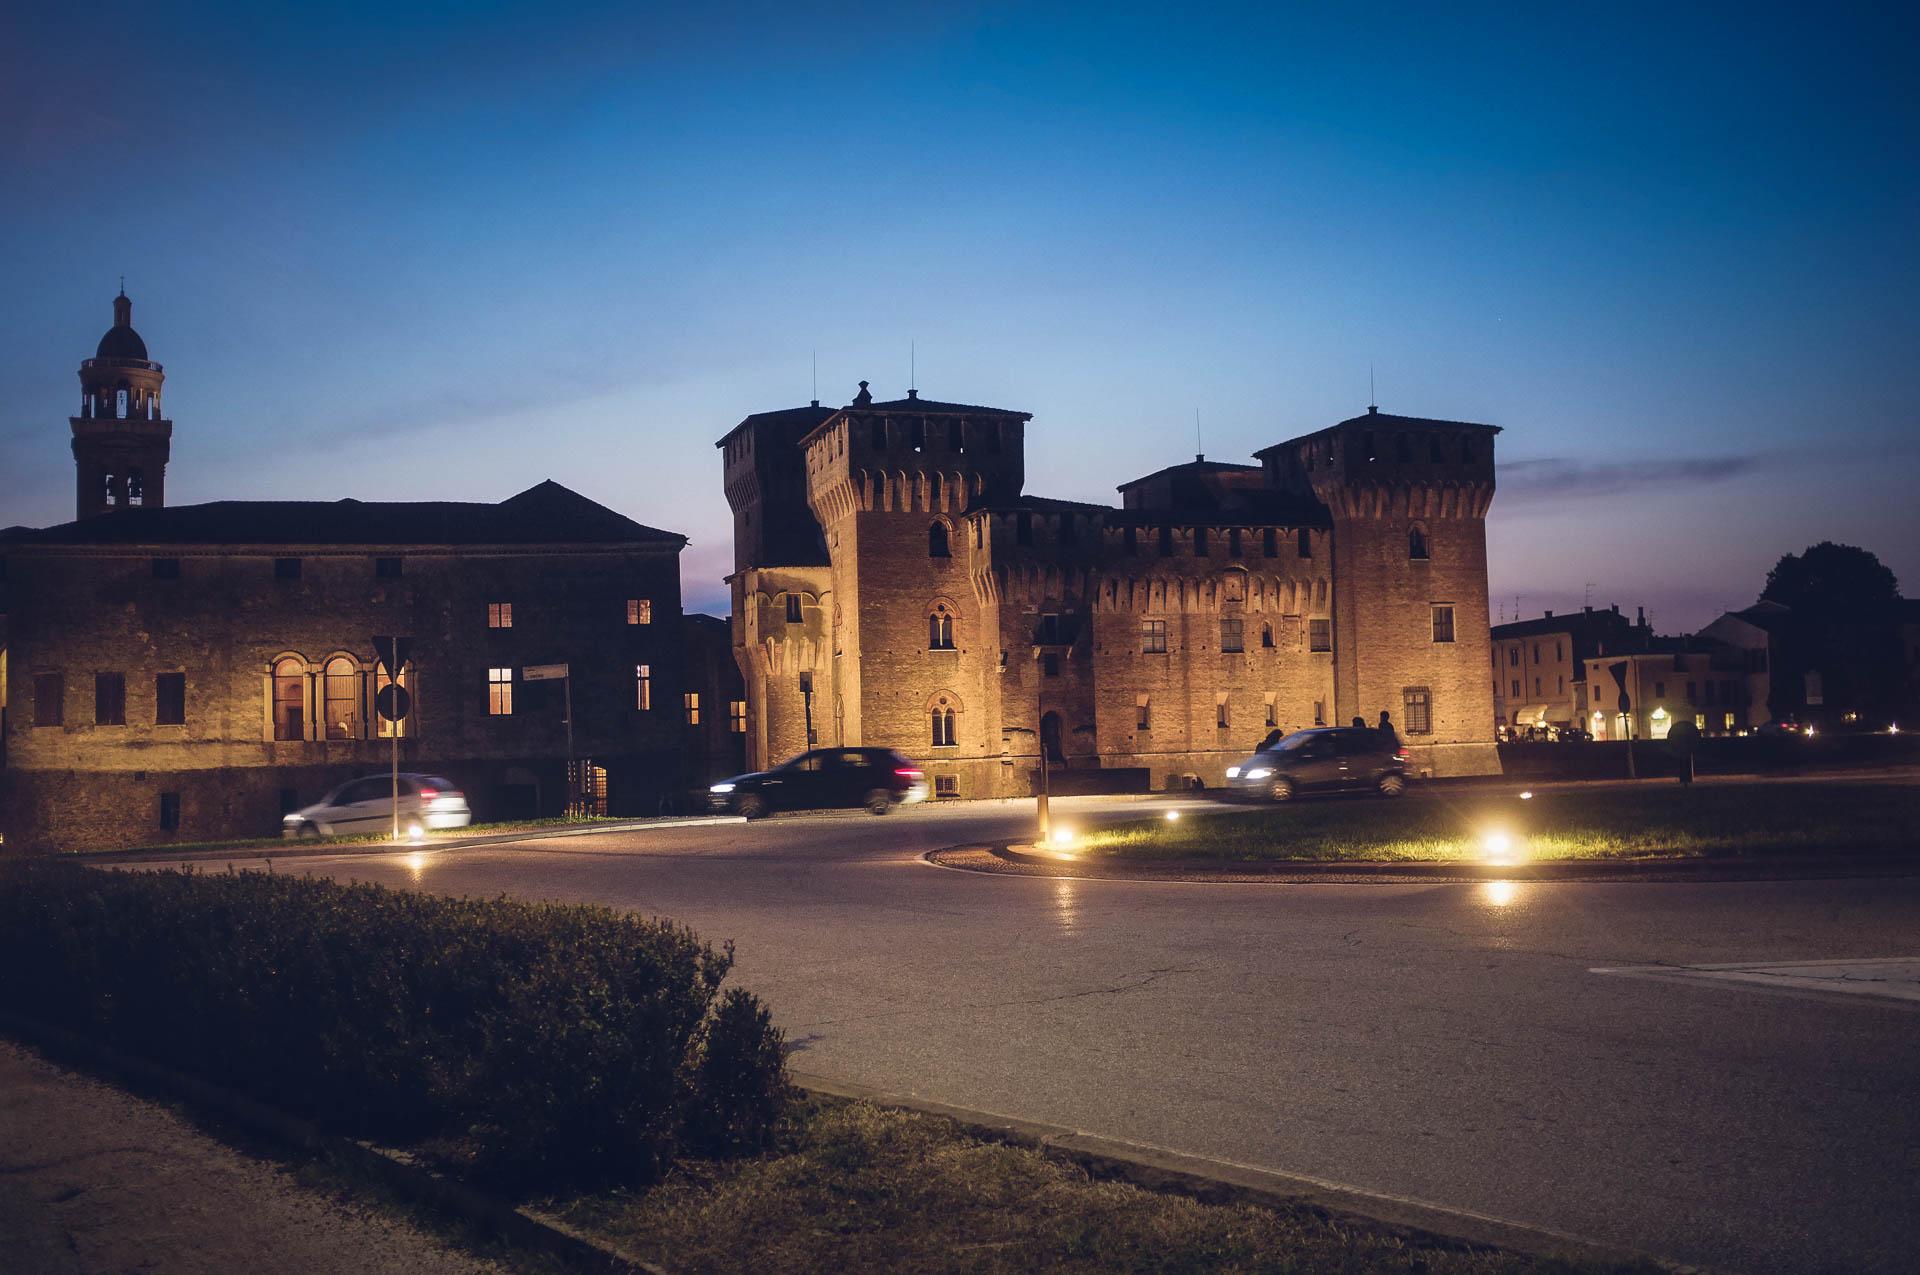 mantova - castello di San Giorgio di sera